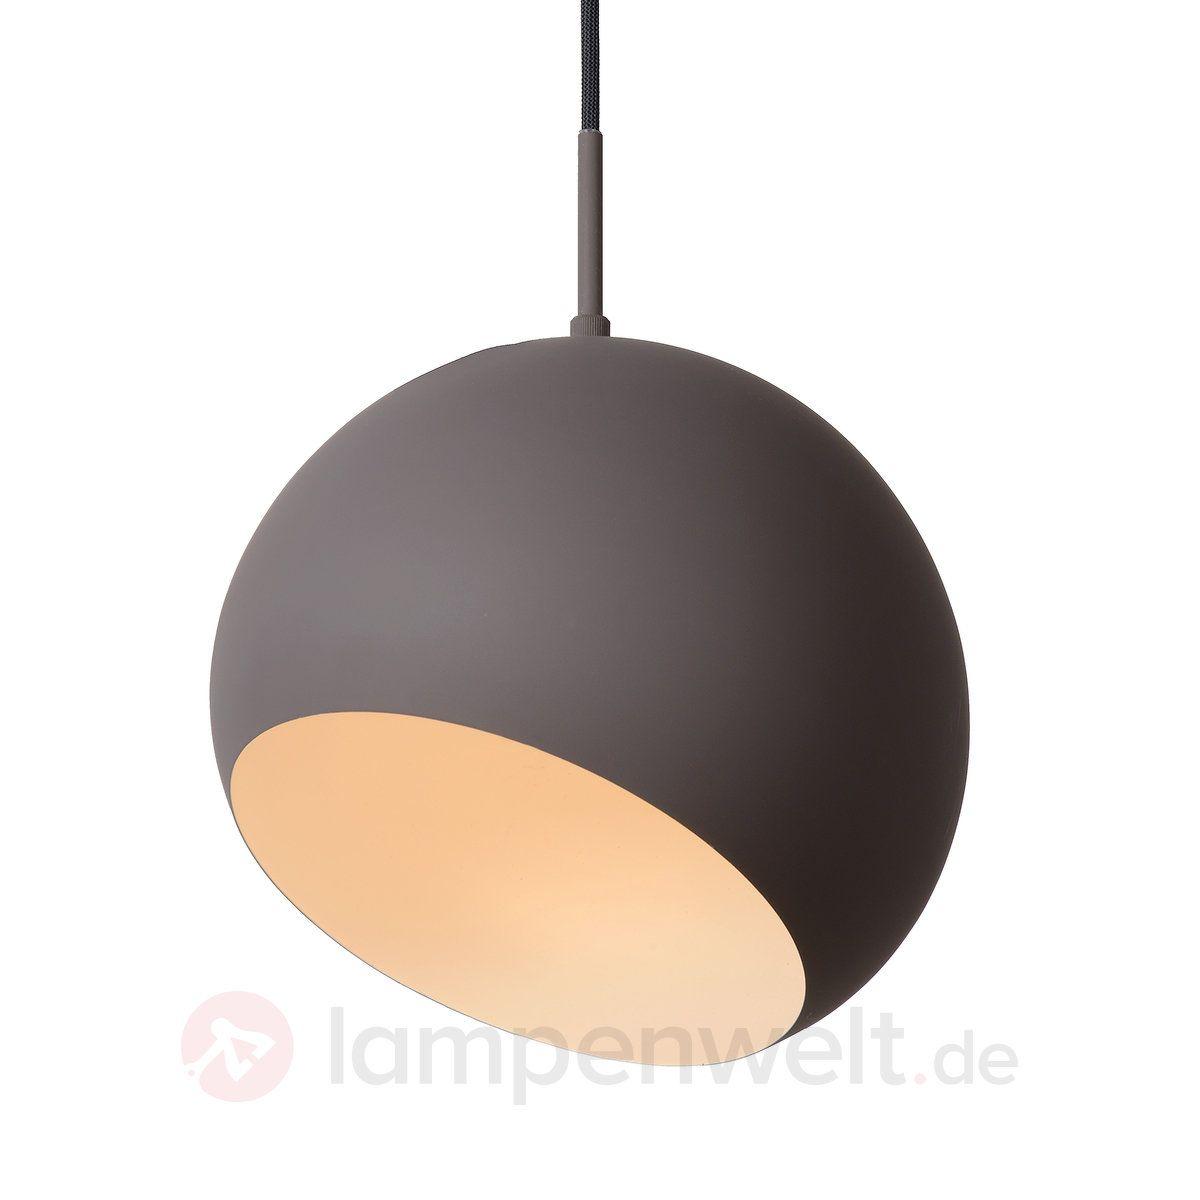 Pendelleuchte INDIGO   Pendelleuchten   Lampen & Leuchten